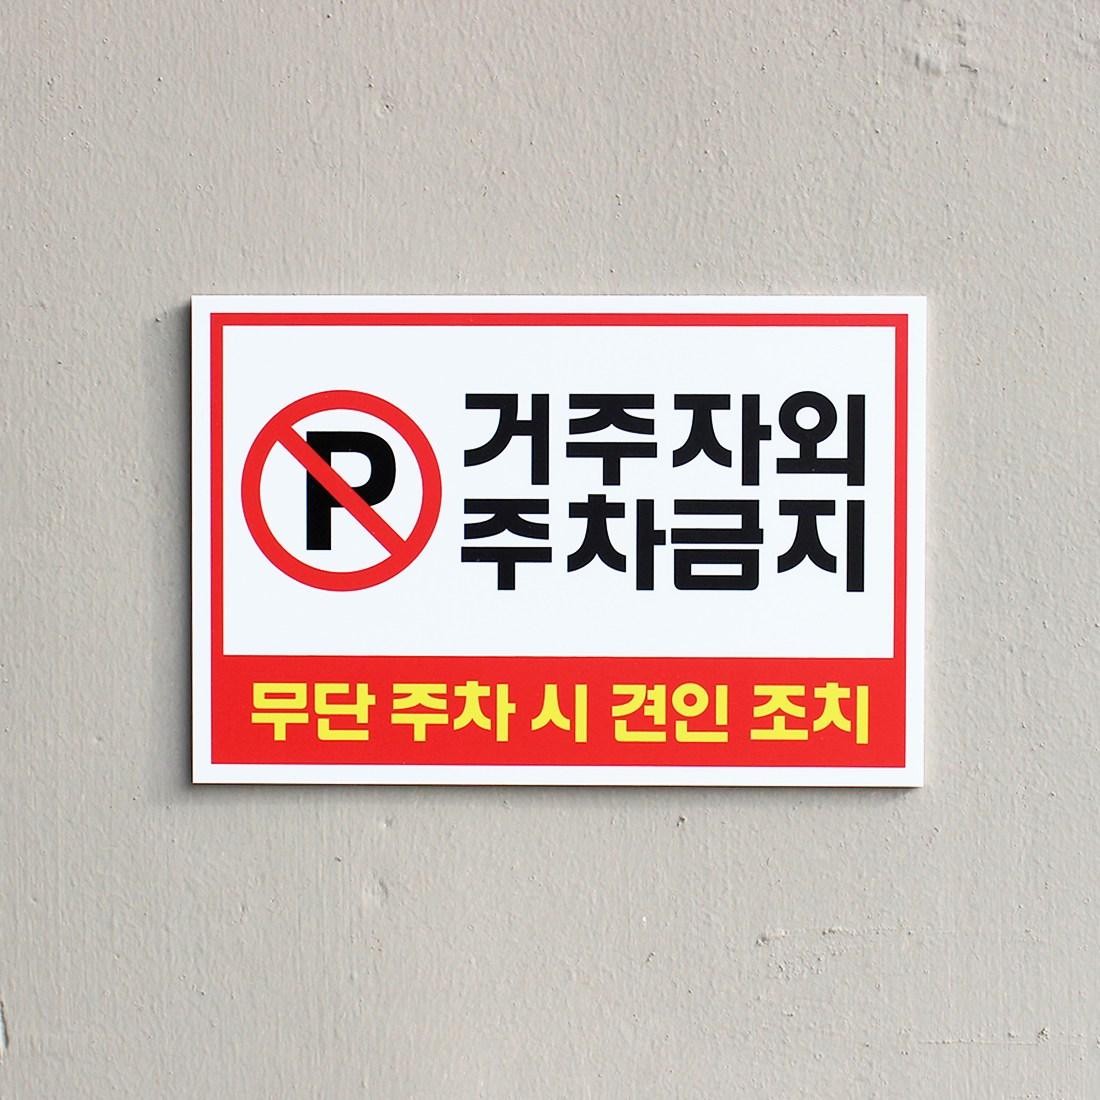 아크릴마트 주차금지표시판 주차안내 외부차량주차금지 견인조치 주차금지표지판, 디자인 KPB-08 / 사이즈 300 x 200 mm (POP 161679355)